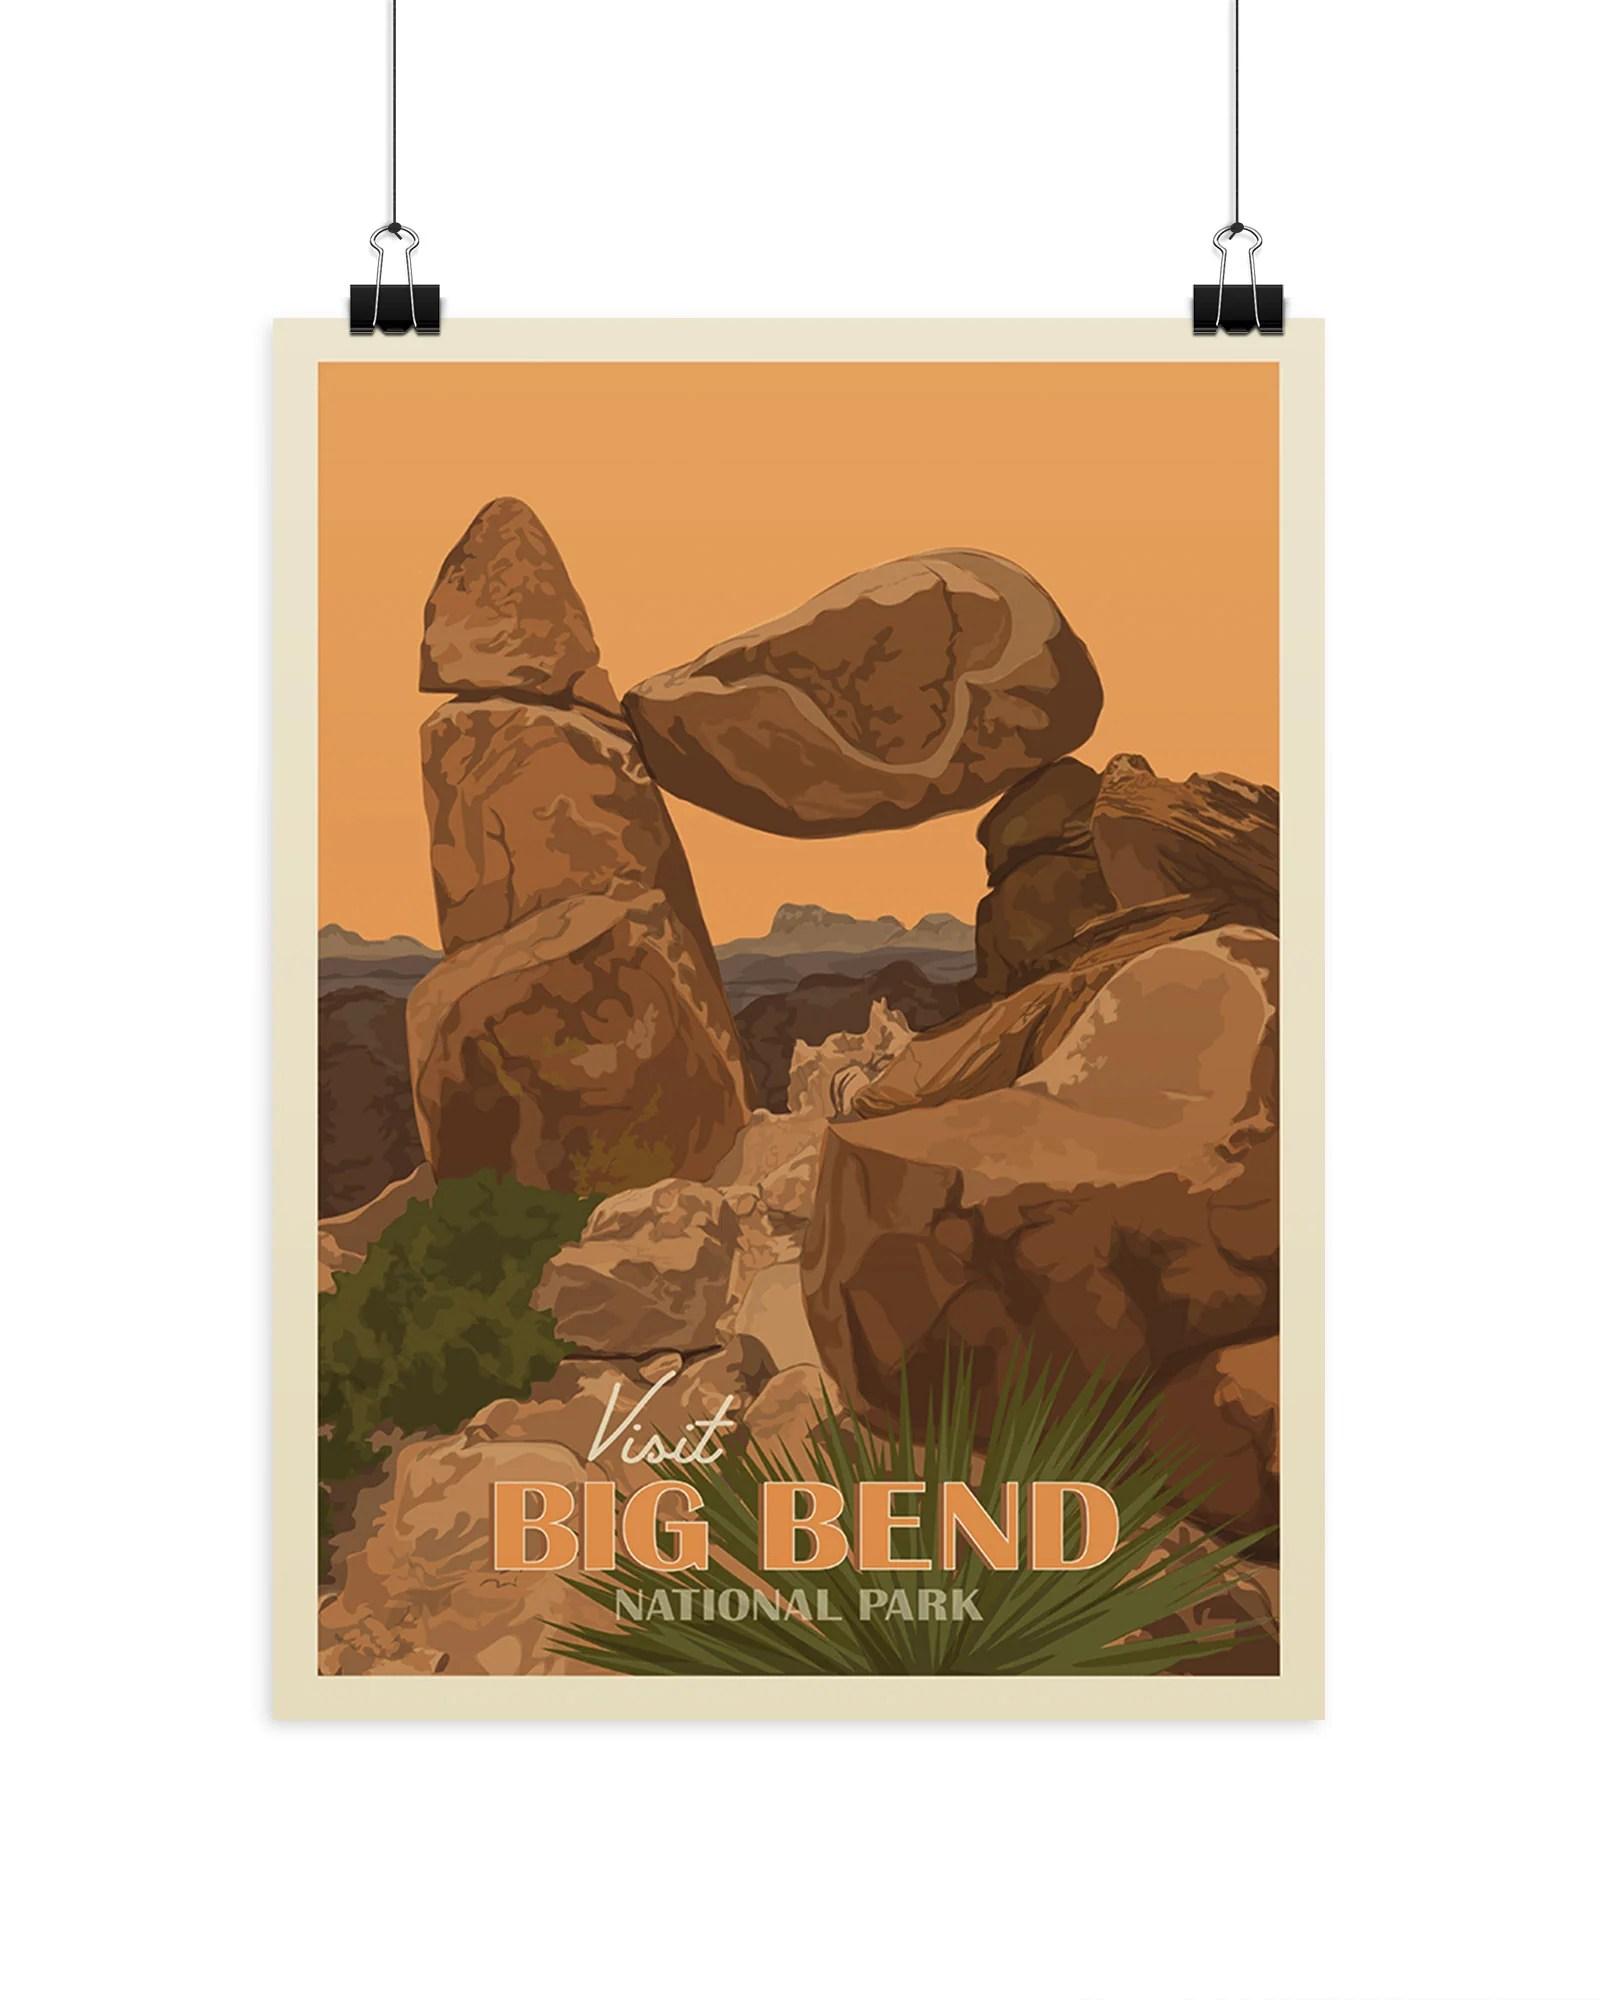 visit big bend national park poster